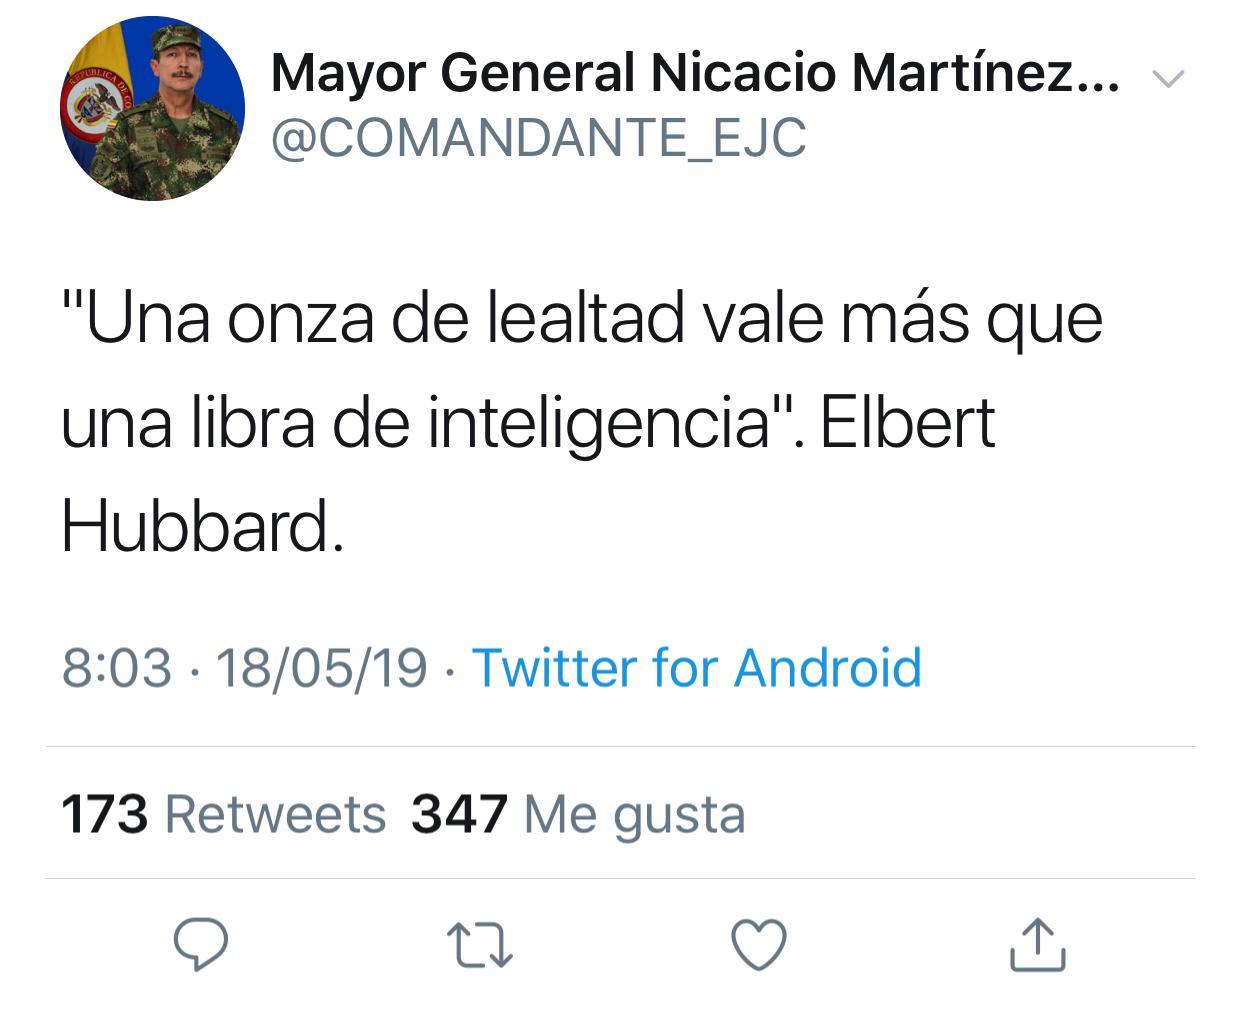 Nicacio Martínez